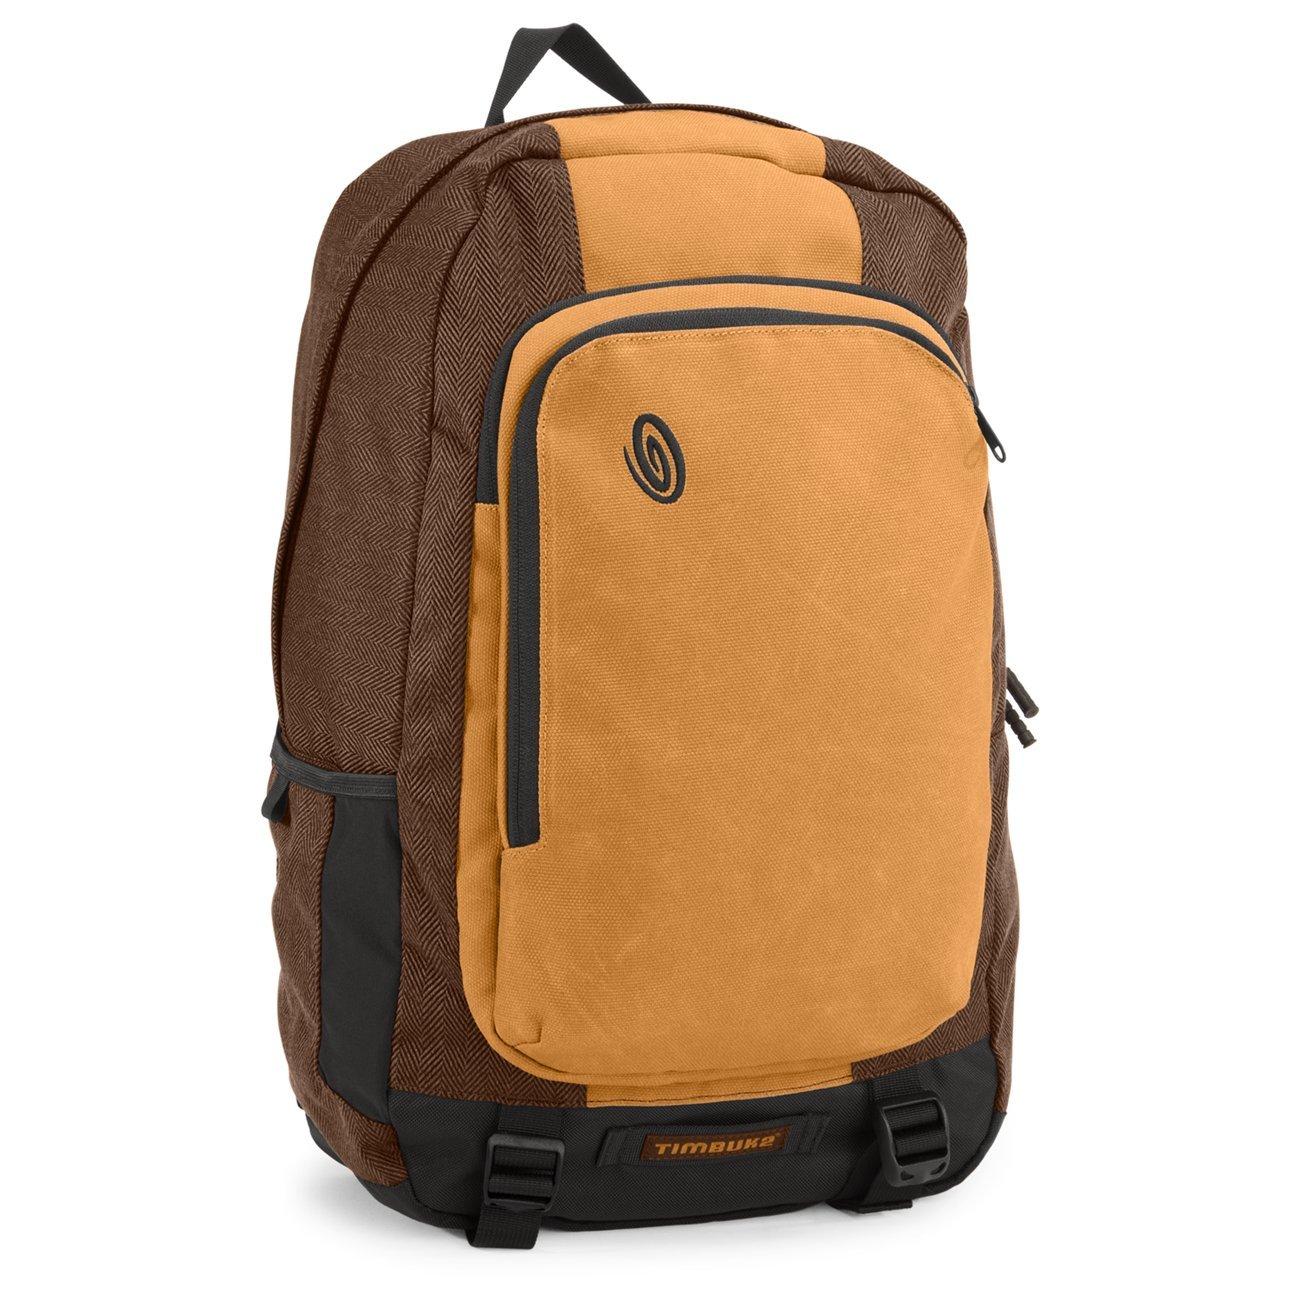 [ティンバックツー] TIMBUK2 バックパック Jones Backpack ジョーンズバックパック B00AYNCXLW ピーナッツ/ブラック/ダークブラウンヘリンボーン